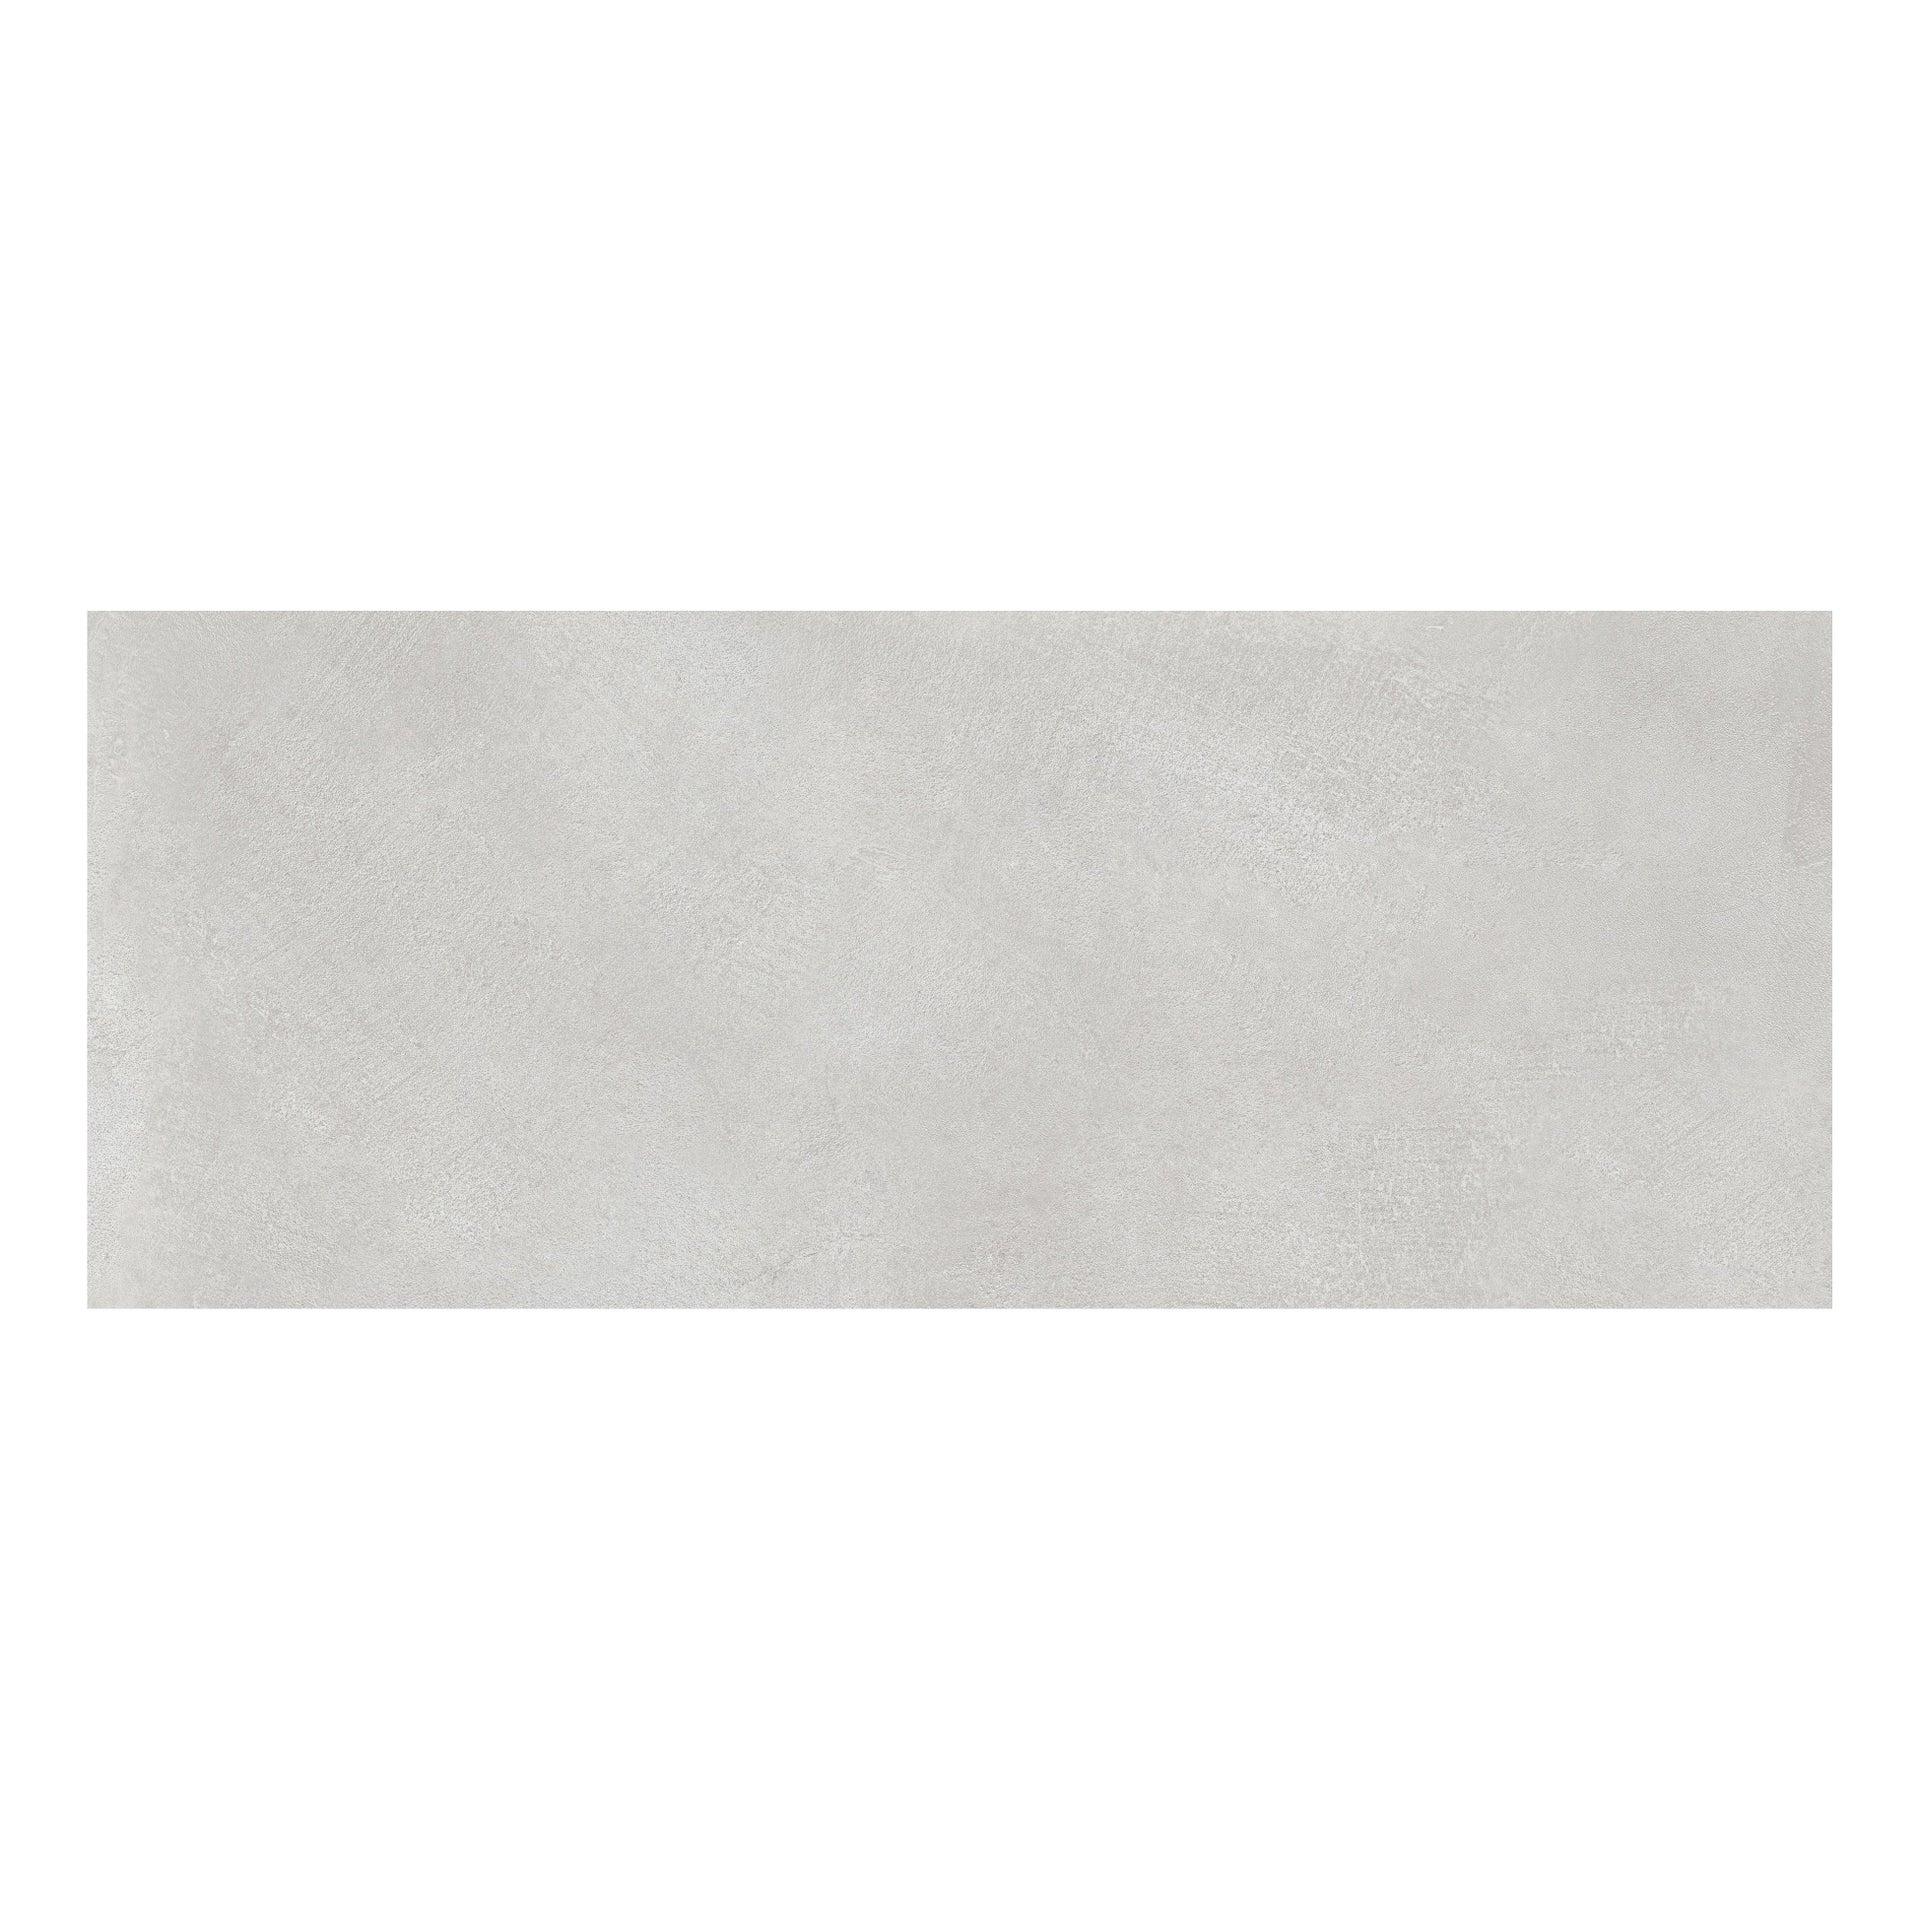 Piastrella per rivestimenti Victoria 25 x 60 cm sp. 8 mm grigio - 5